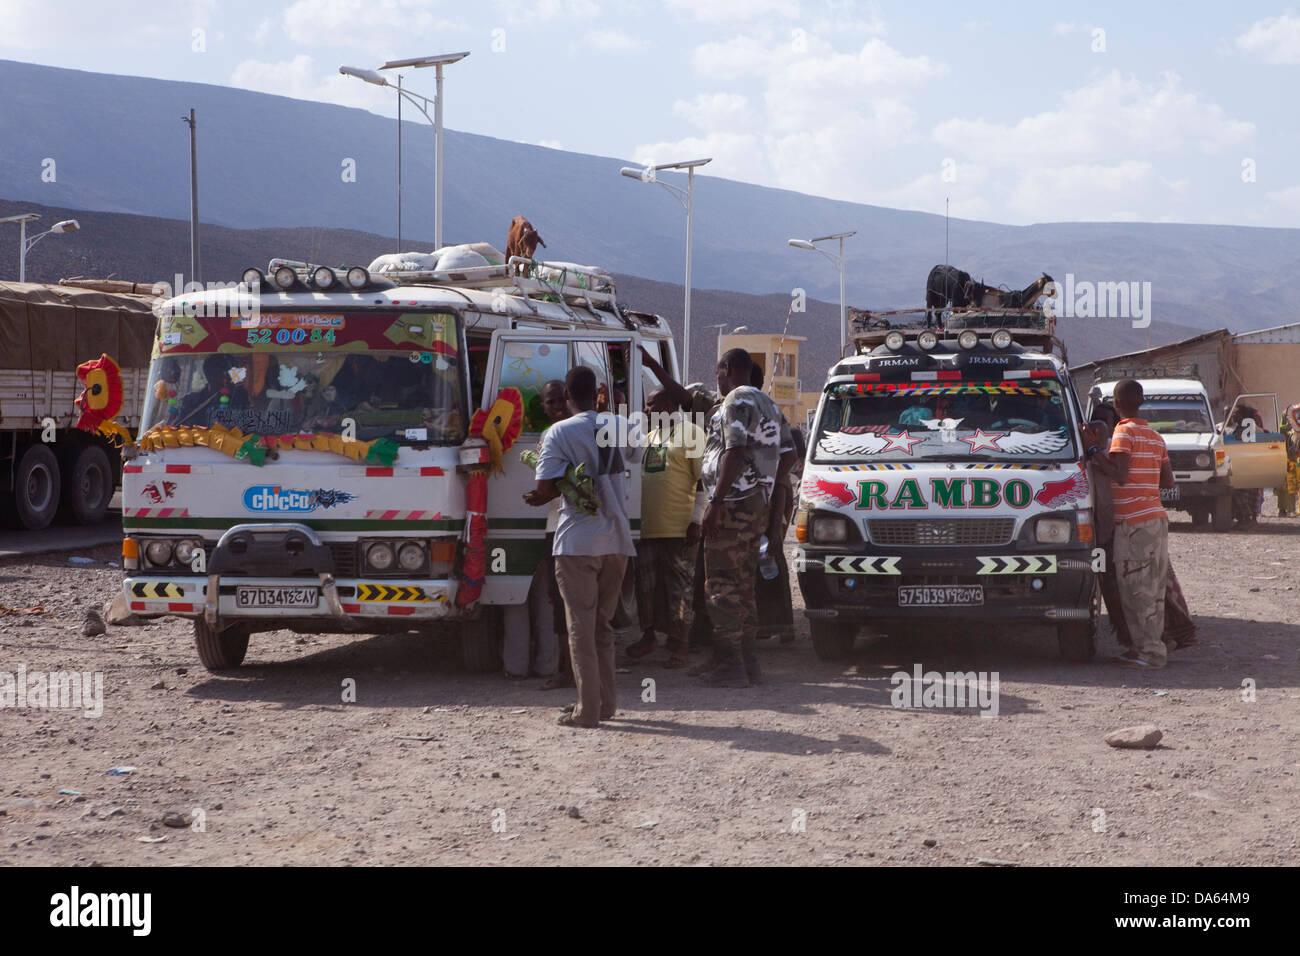 Voitures, Automobiles, pouces, Djibouti, Galifi, Afrique, Danakil, expédition, transport, trafic, l'Éthiopie, Photo Stock